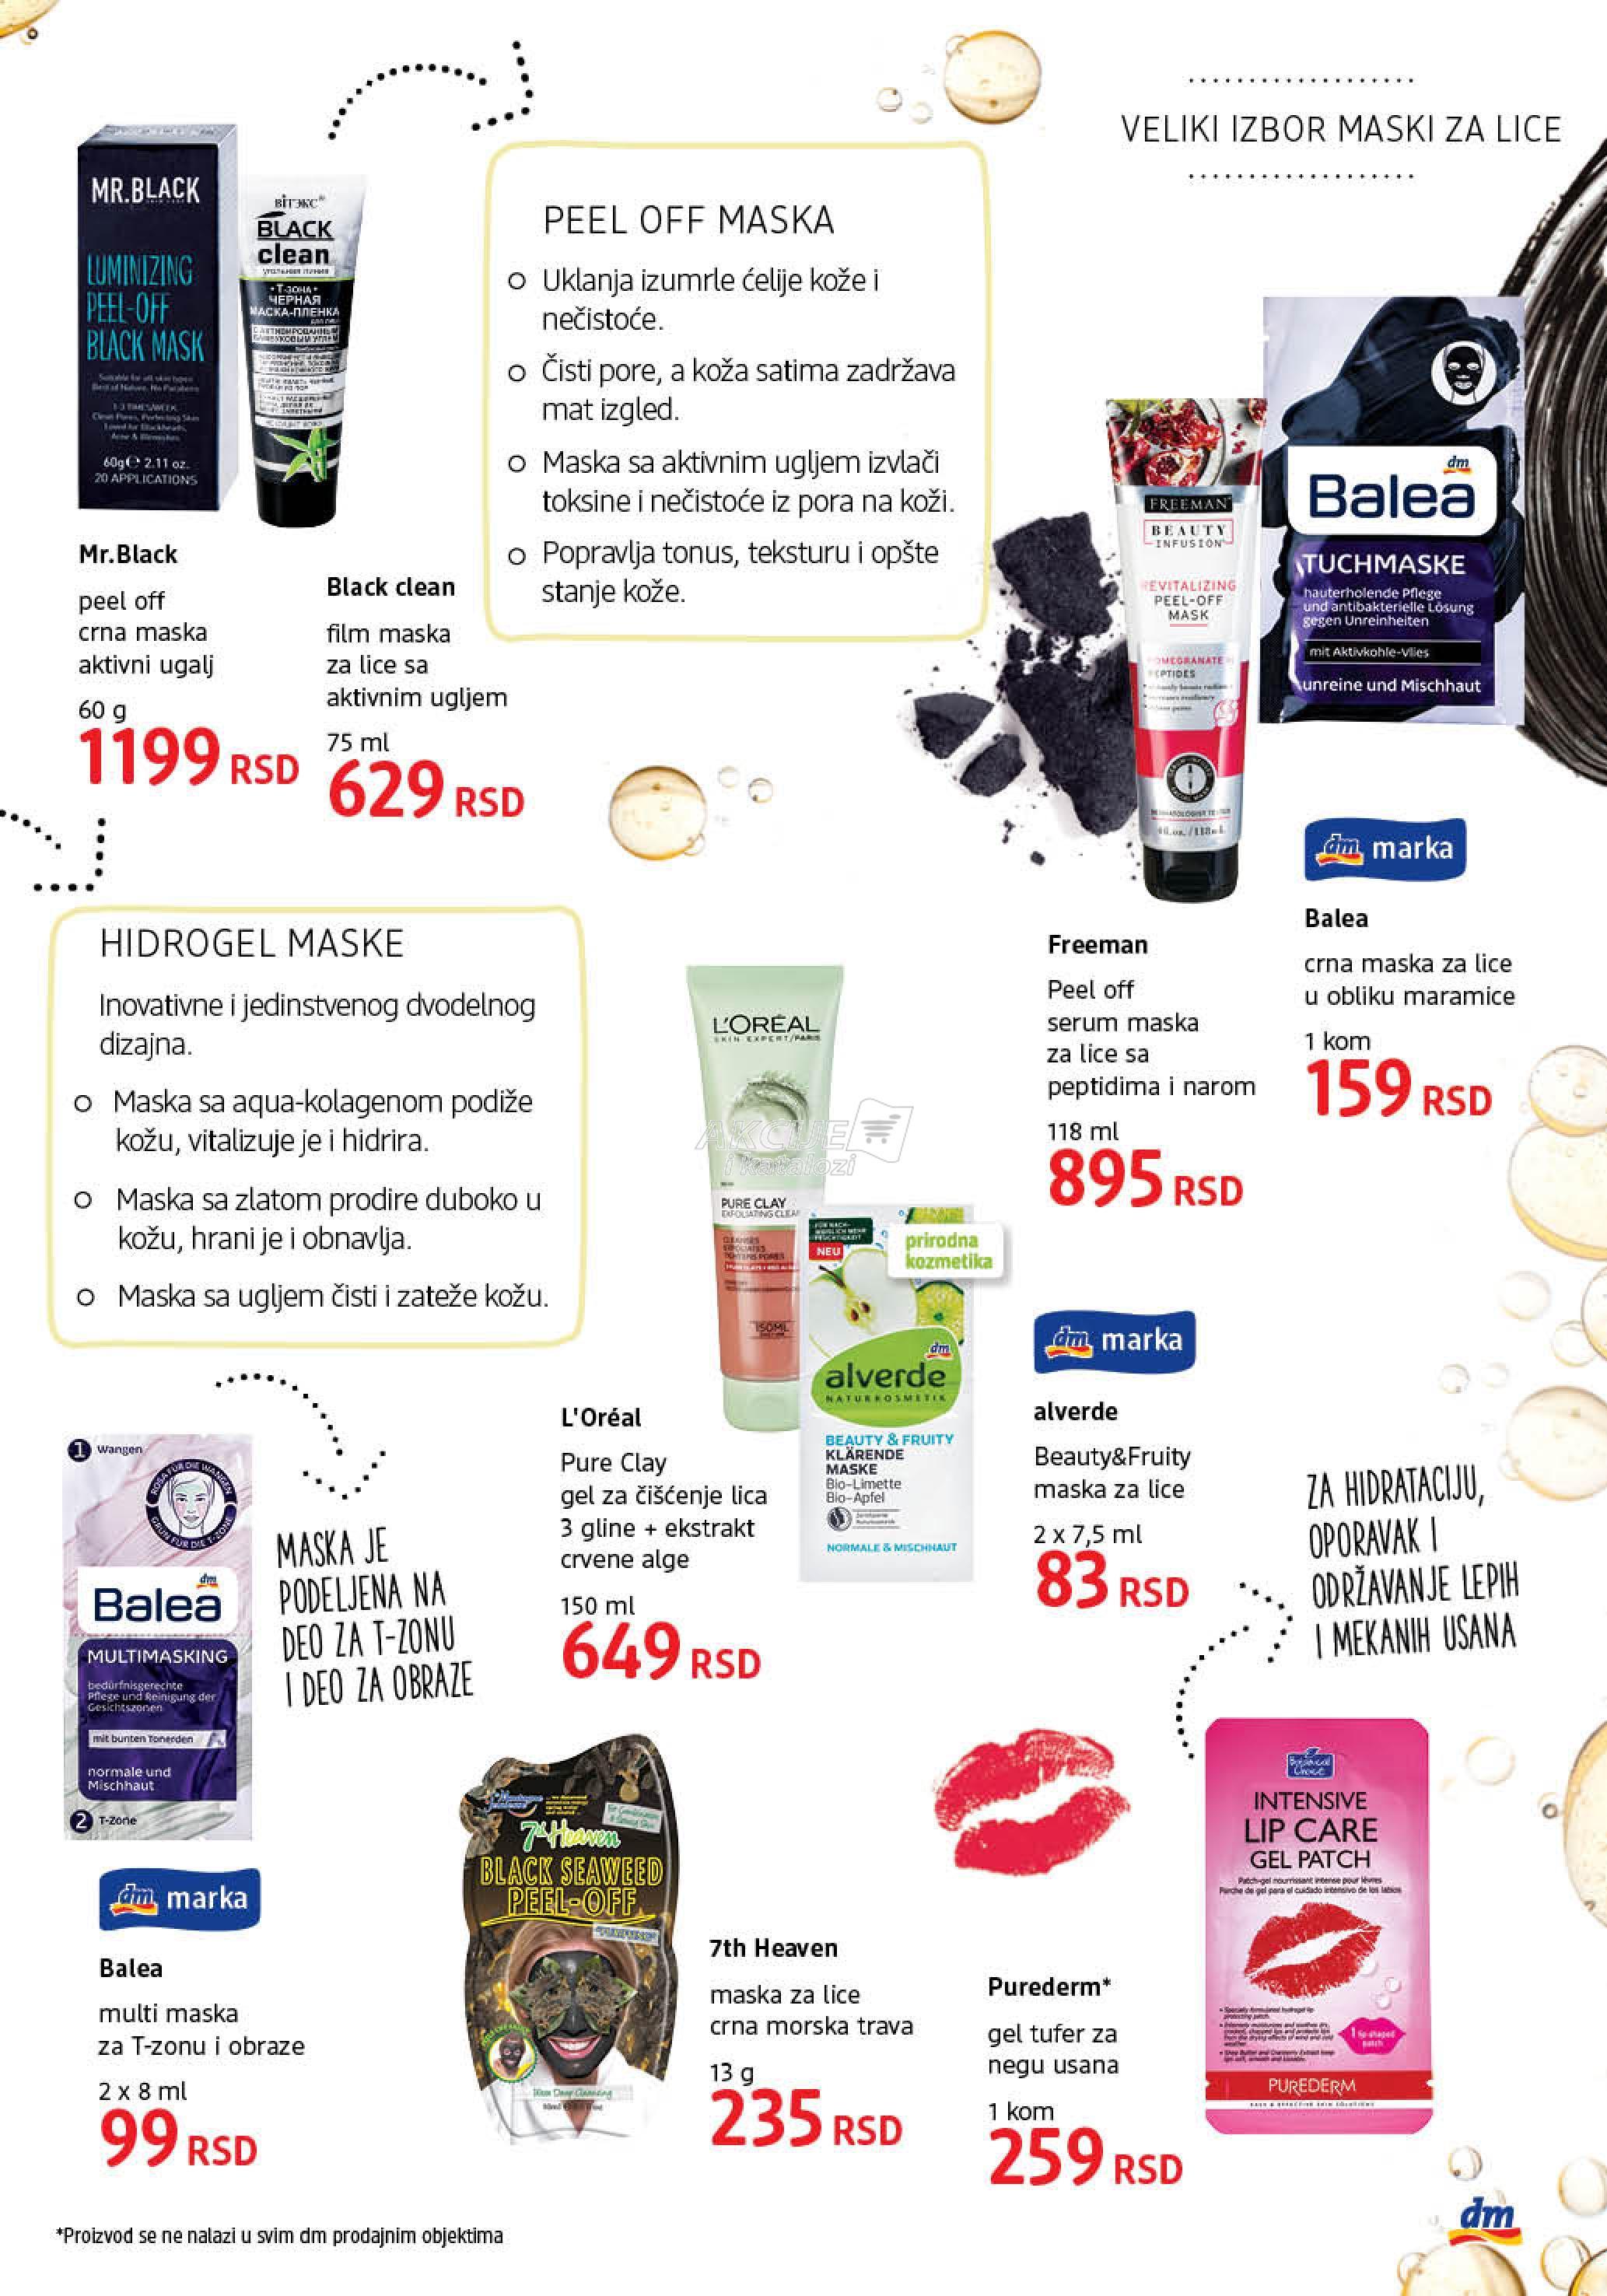 DM drogerie markt akcija super cena